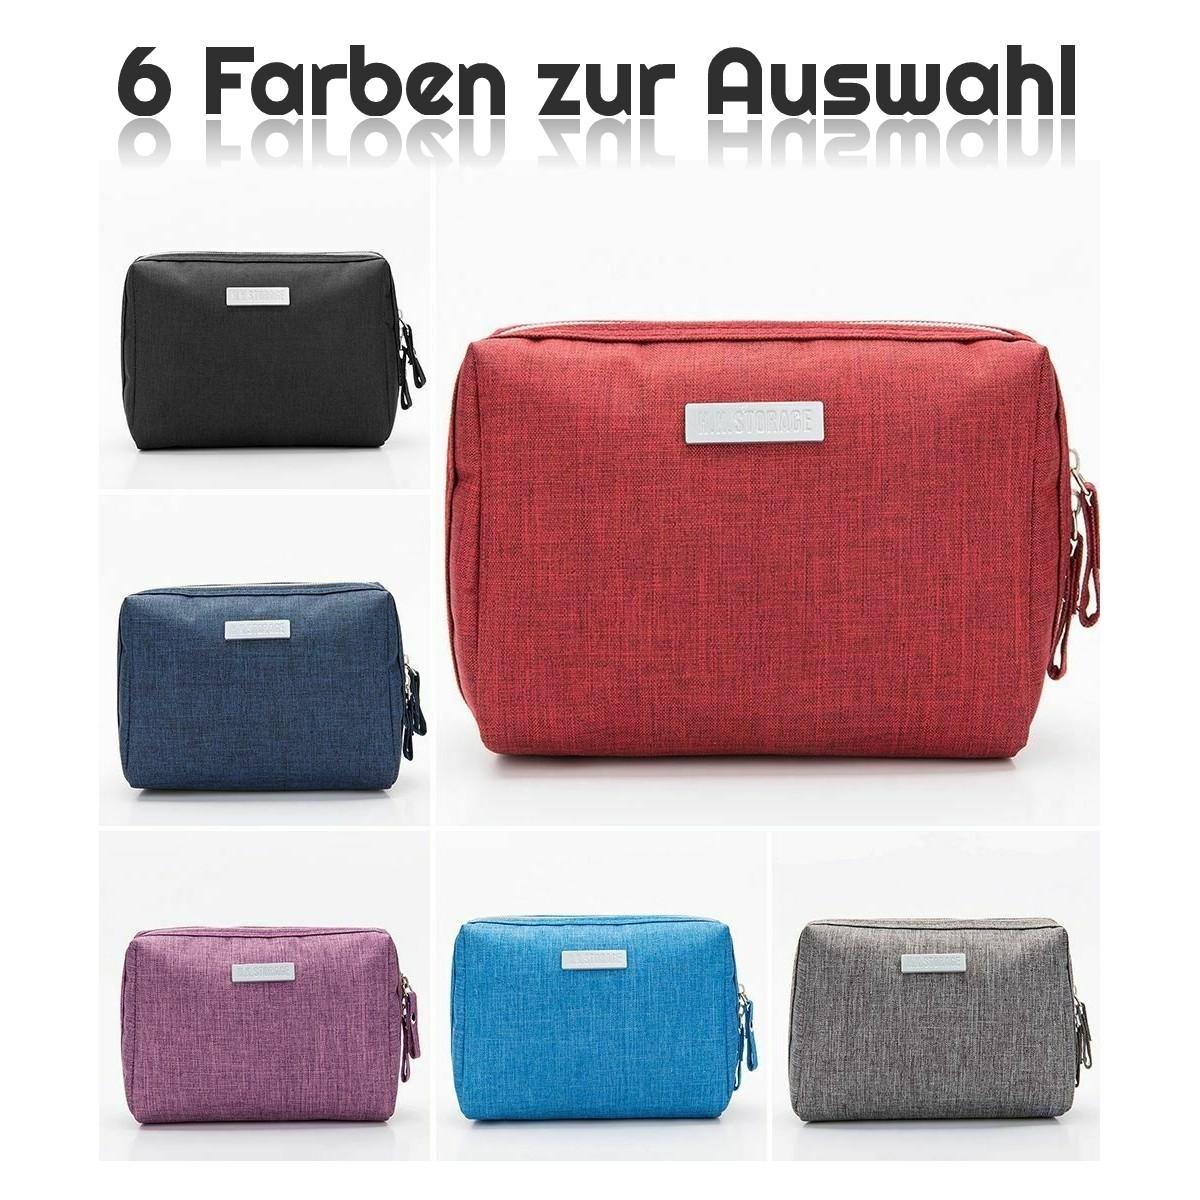 4-teilig Grau Kosmetiktaschen Schwarz Schminktaschen-Set Braun oder Rot